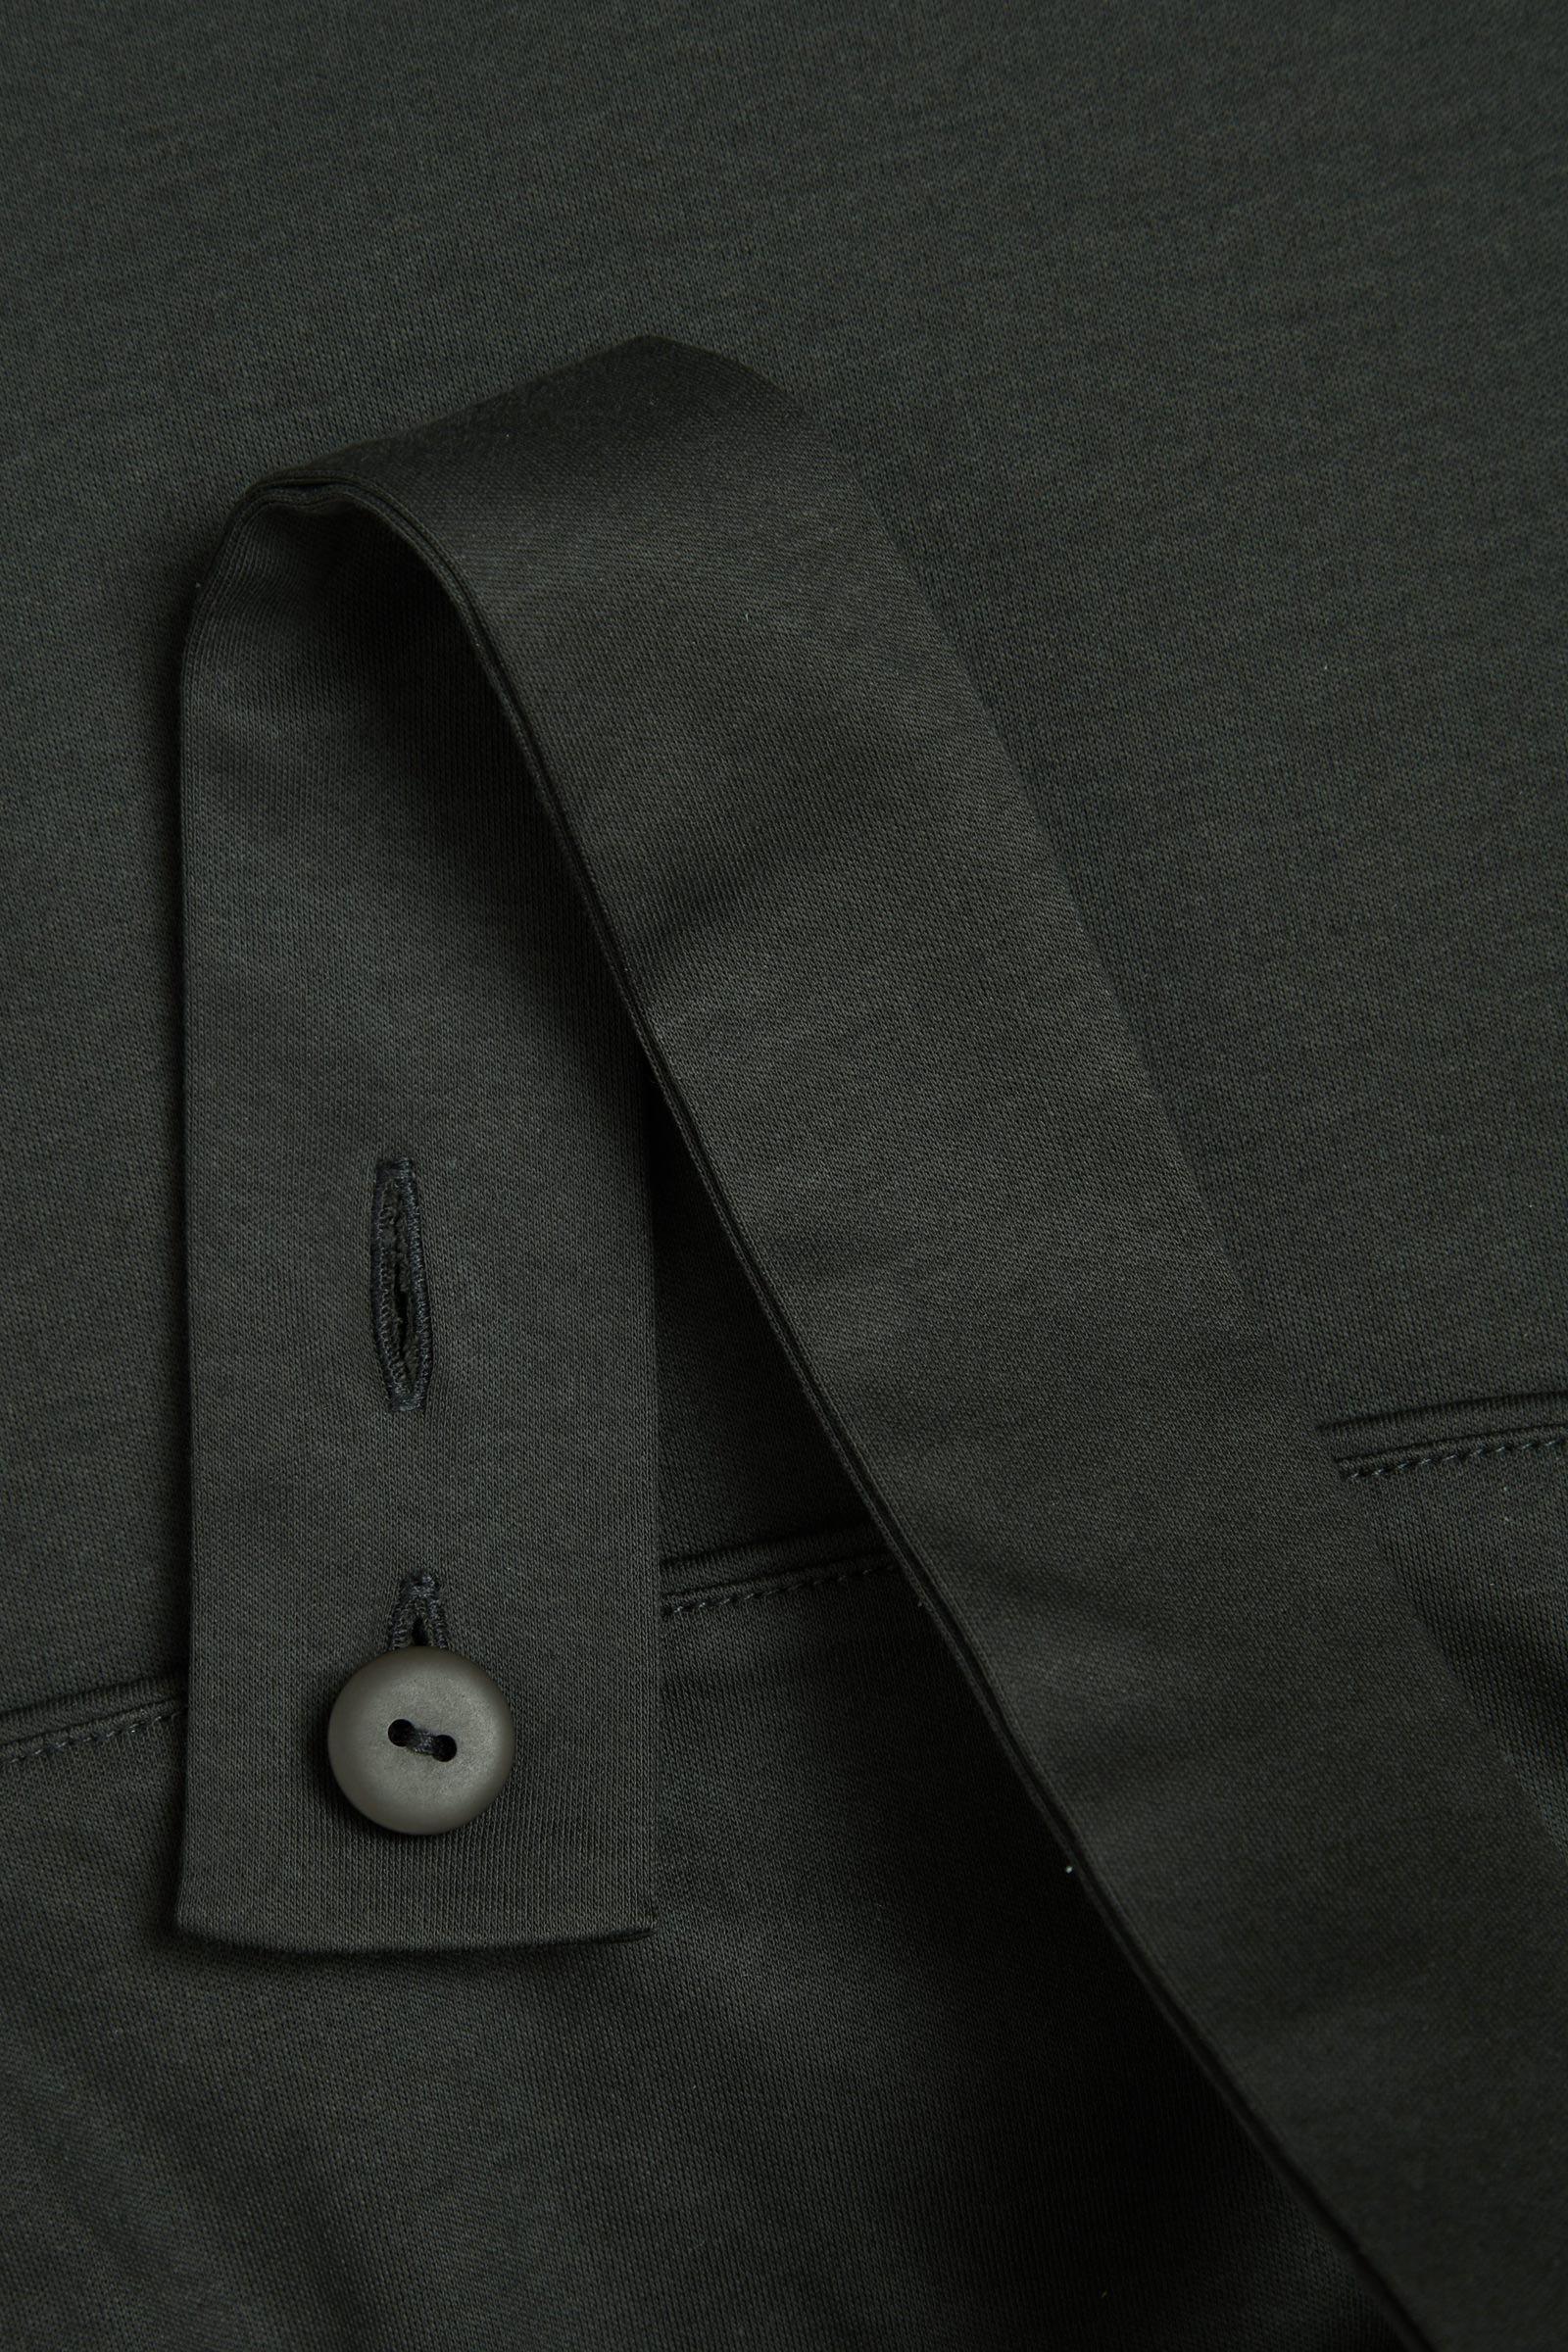 COS 원 숄더 오가닉 코튼 드레스의 다크 그레이컬러 Product입니다.